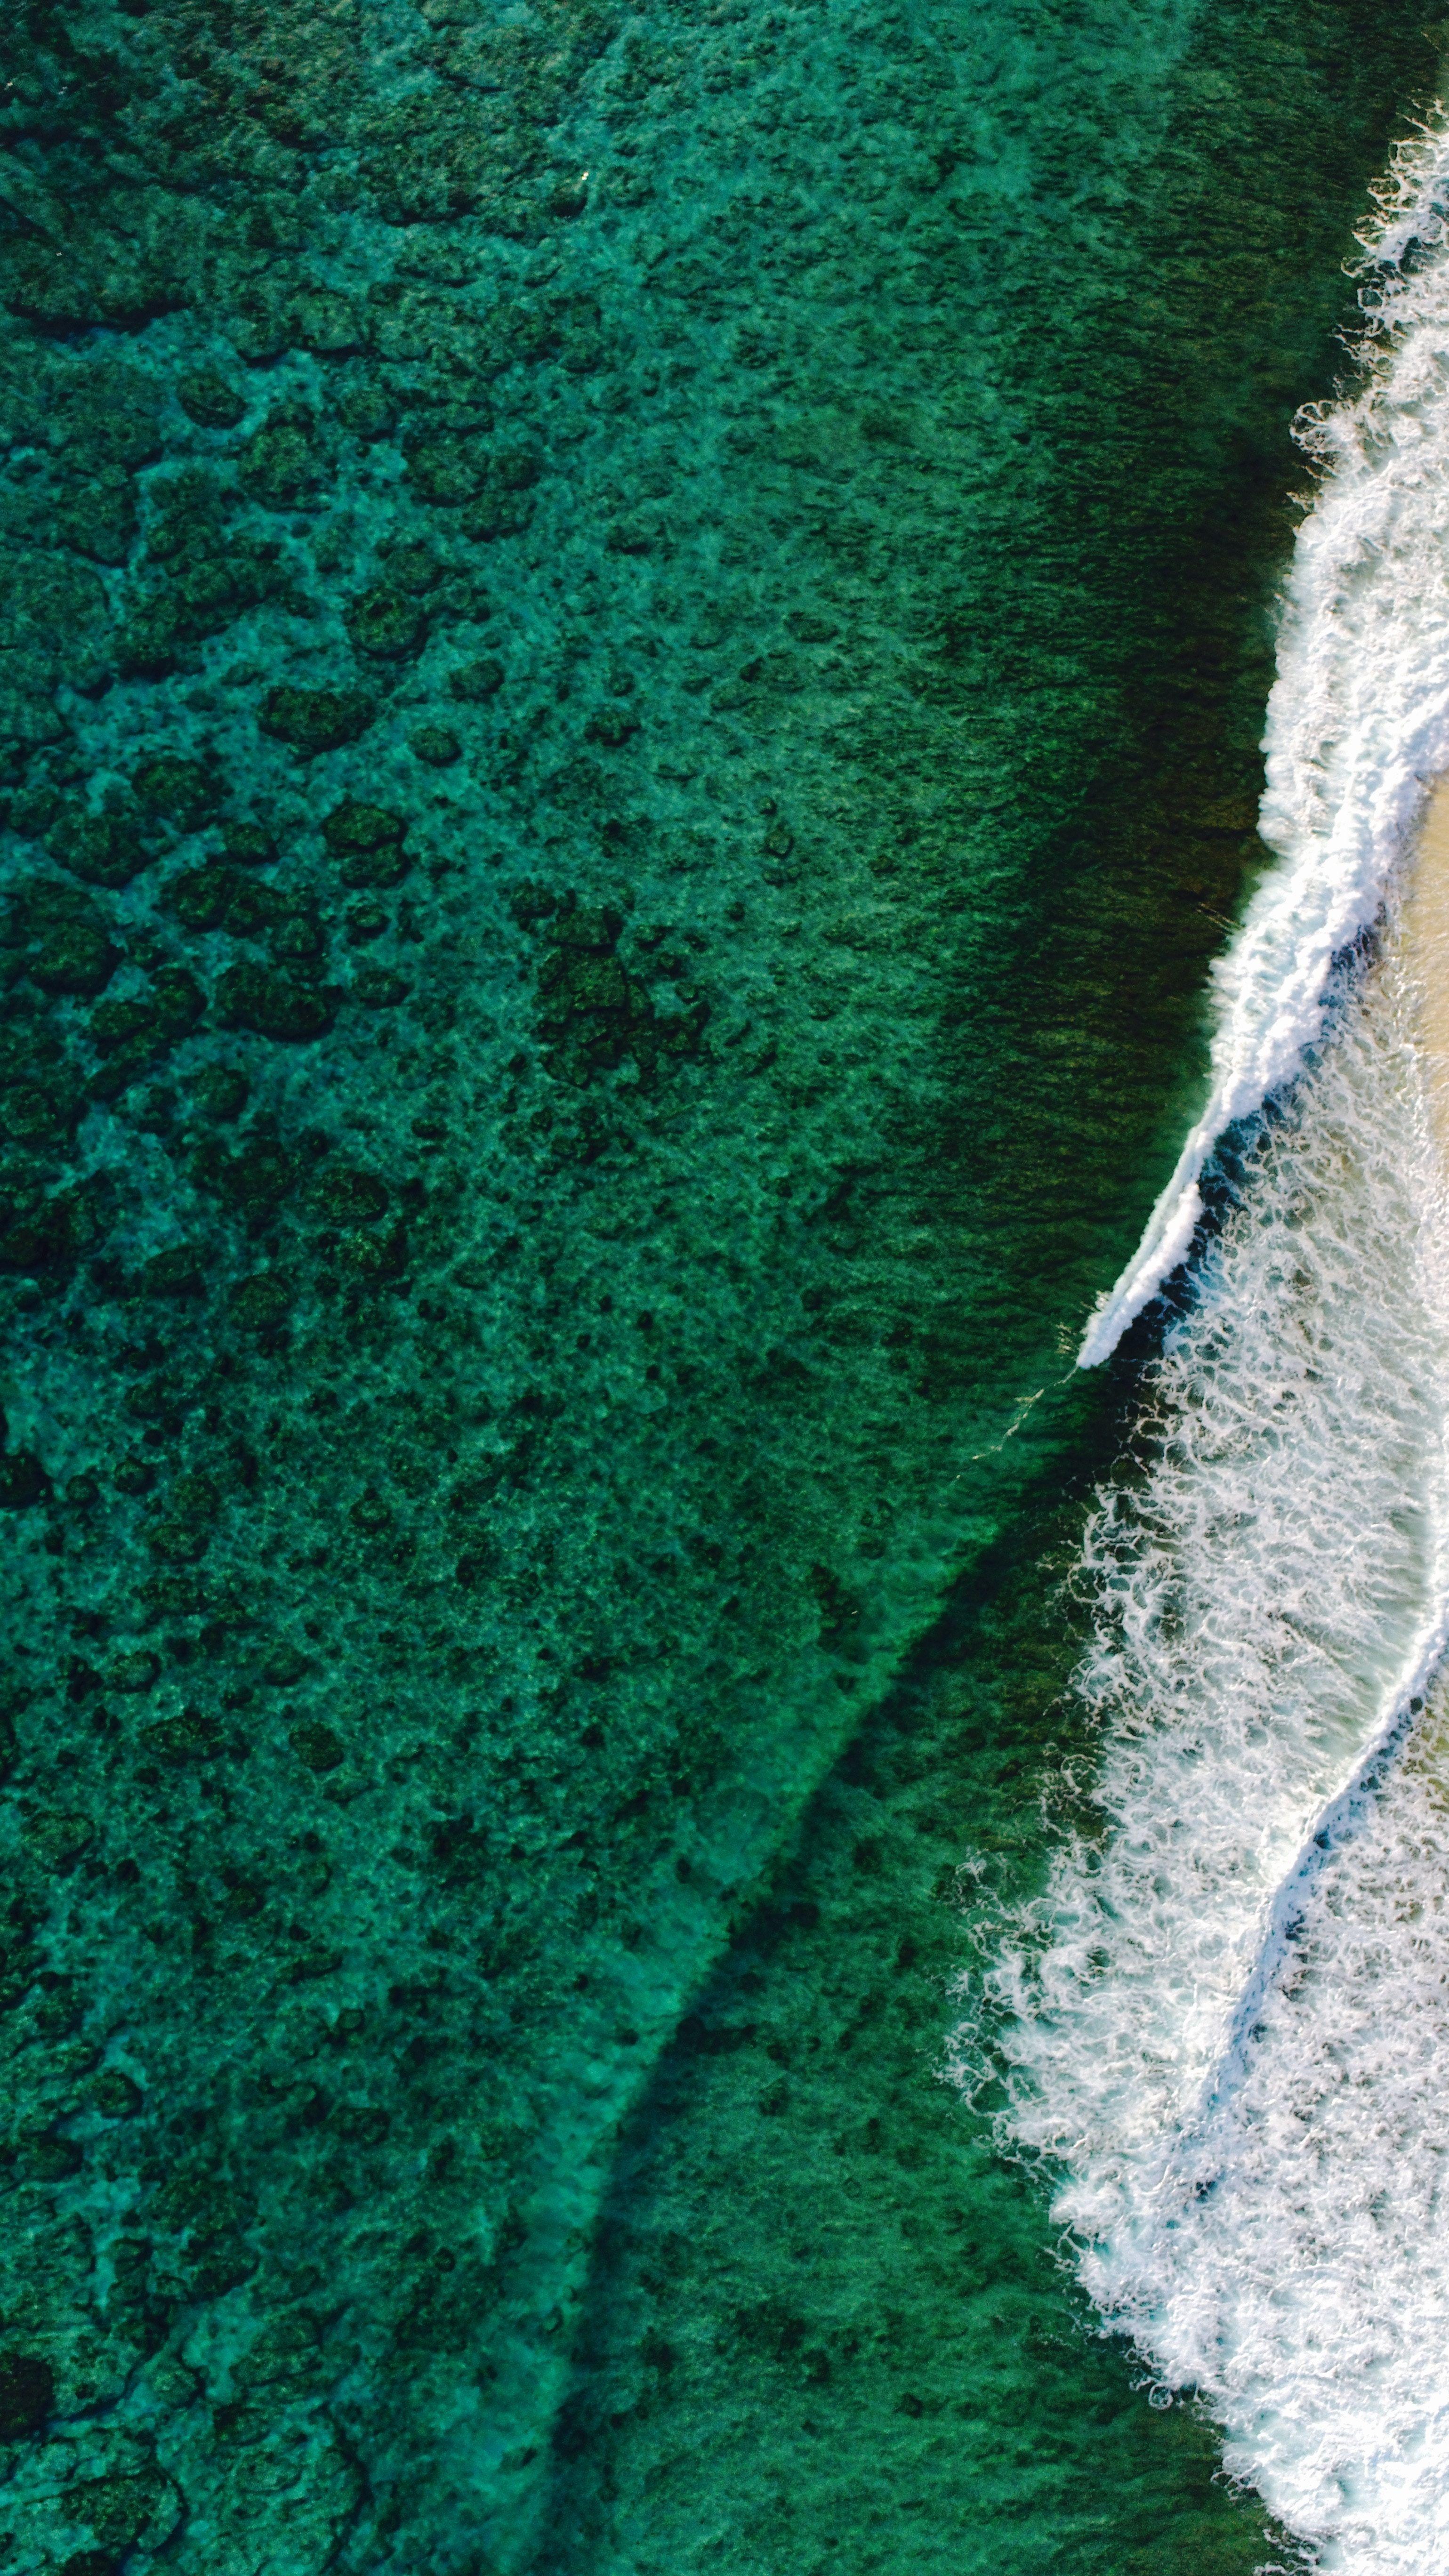 Hình nền vẻ đẹp 3078x5472 màu xanh lá cây - Hình nền thẩm mỹ sóng xanh vào năm 2020